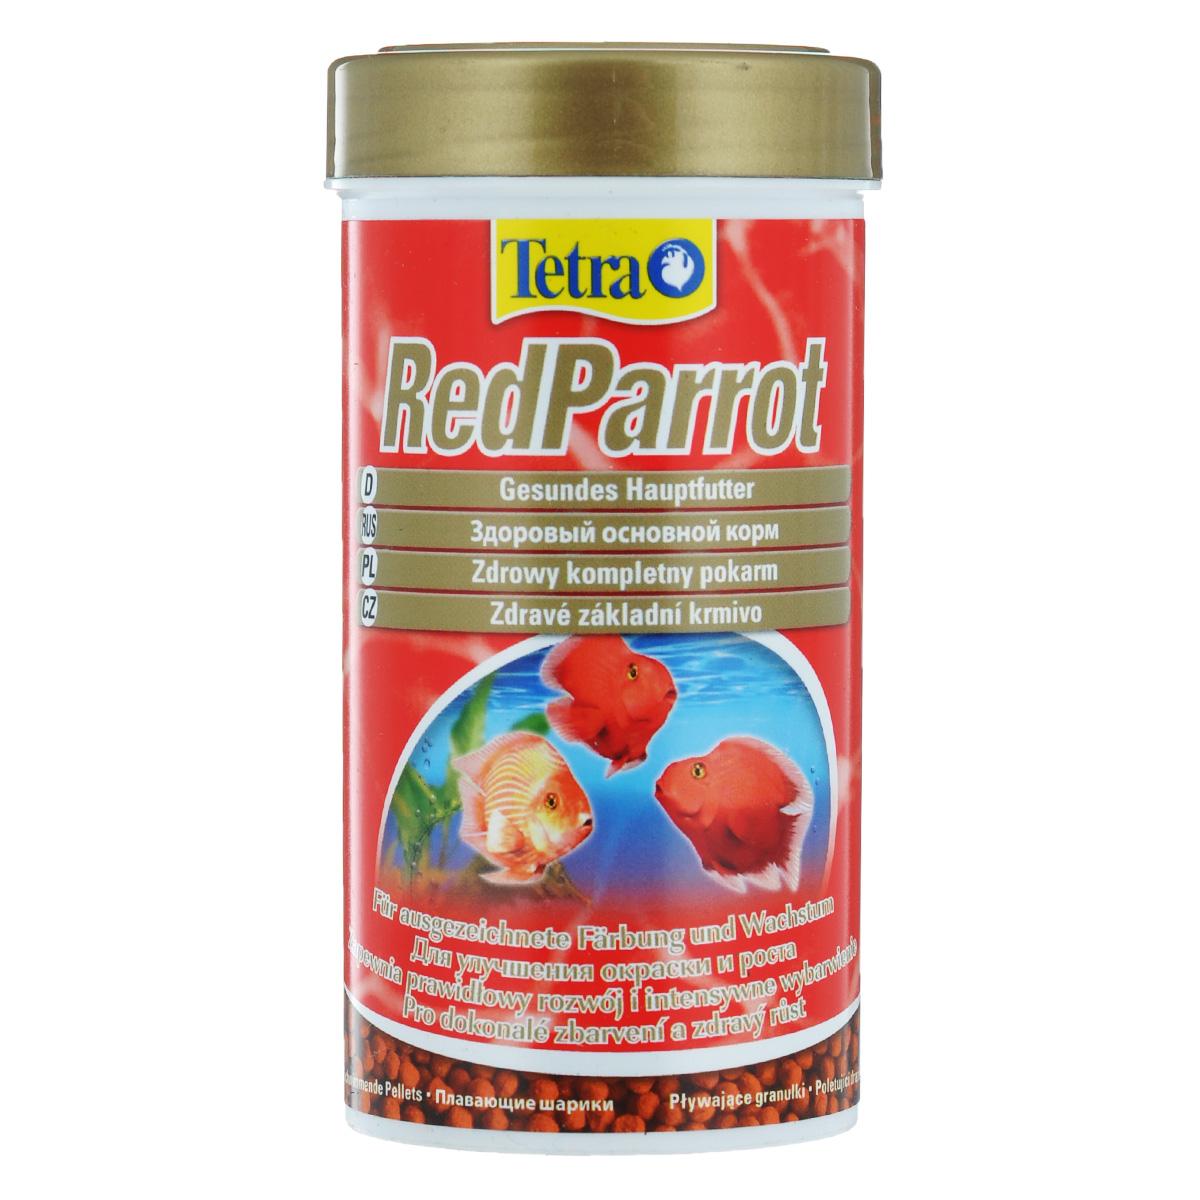 Корм сухой Tetra RedParrot, для красных попугаев, в виде шариков, 250 мл199019Tetra RedParrot - разработан специально для удовлетворения специфических потребностей красных попугаев в питании. Этот корм в виде шариков среднего размера особенно рекомендован большим красным попугаям. Особенности корма Tetra RedParrot: - содержит натуральные усилители цветовой окраски и выделения красных пигментов;- усиление окраски заметно уже через две недели при кормлении только Tetra RedParrot;- оптимальная рецептура обеспечивает хорошую усваиваемость и улучшение роста;- произведено в Германии, строгий контроль качества в соответствии с нормами ISO 9001 гарантируют здоровое питание. Рекомендации по кормлению: кормить несколько раз в день маленькими порциями. Характеристики: Состав: зерновые культуры, экстракты растительного белка, рыба и побочные рыбные продукты, дрожжи, моллюски и раки, масла и жиры, минеральные вещества, водоросли.Пищевая ценность: сырой белок - 42%, сырые масла и жиры - 8%, сырая клетчатка - 2%, влага - 9%.Добавки: витамин А 29460 МЕ/кг, витамин Д3 1840 МЕ/кг, Е5 марганец 100 мг/кг, Е6 цинк 61 мг/кг, Е1 железо 40 мг/кг, Е3 кобальт 0,7 мг/кг. Красители, антиоксиданты.Вес: 250 мл (110 г).